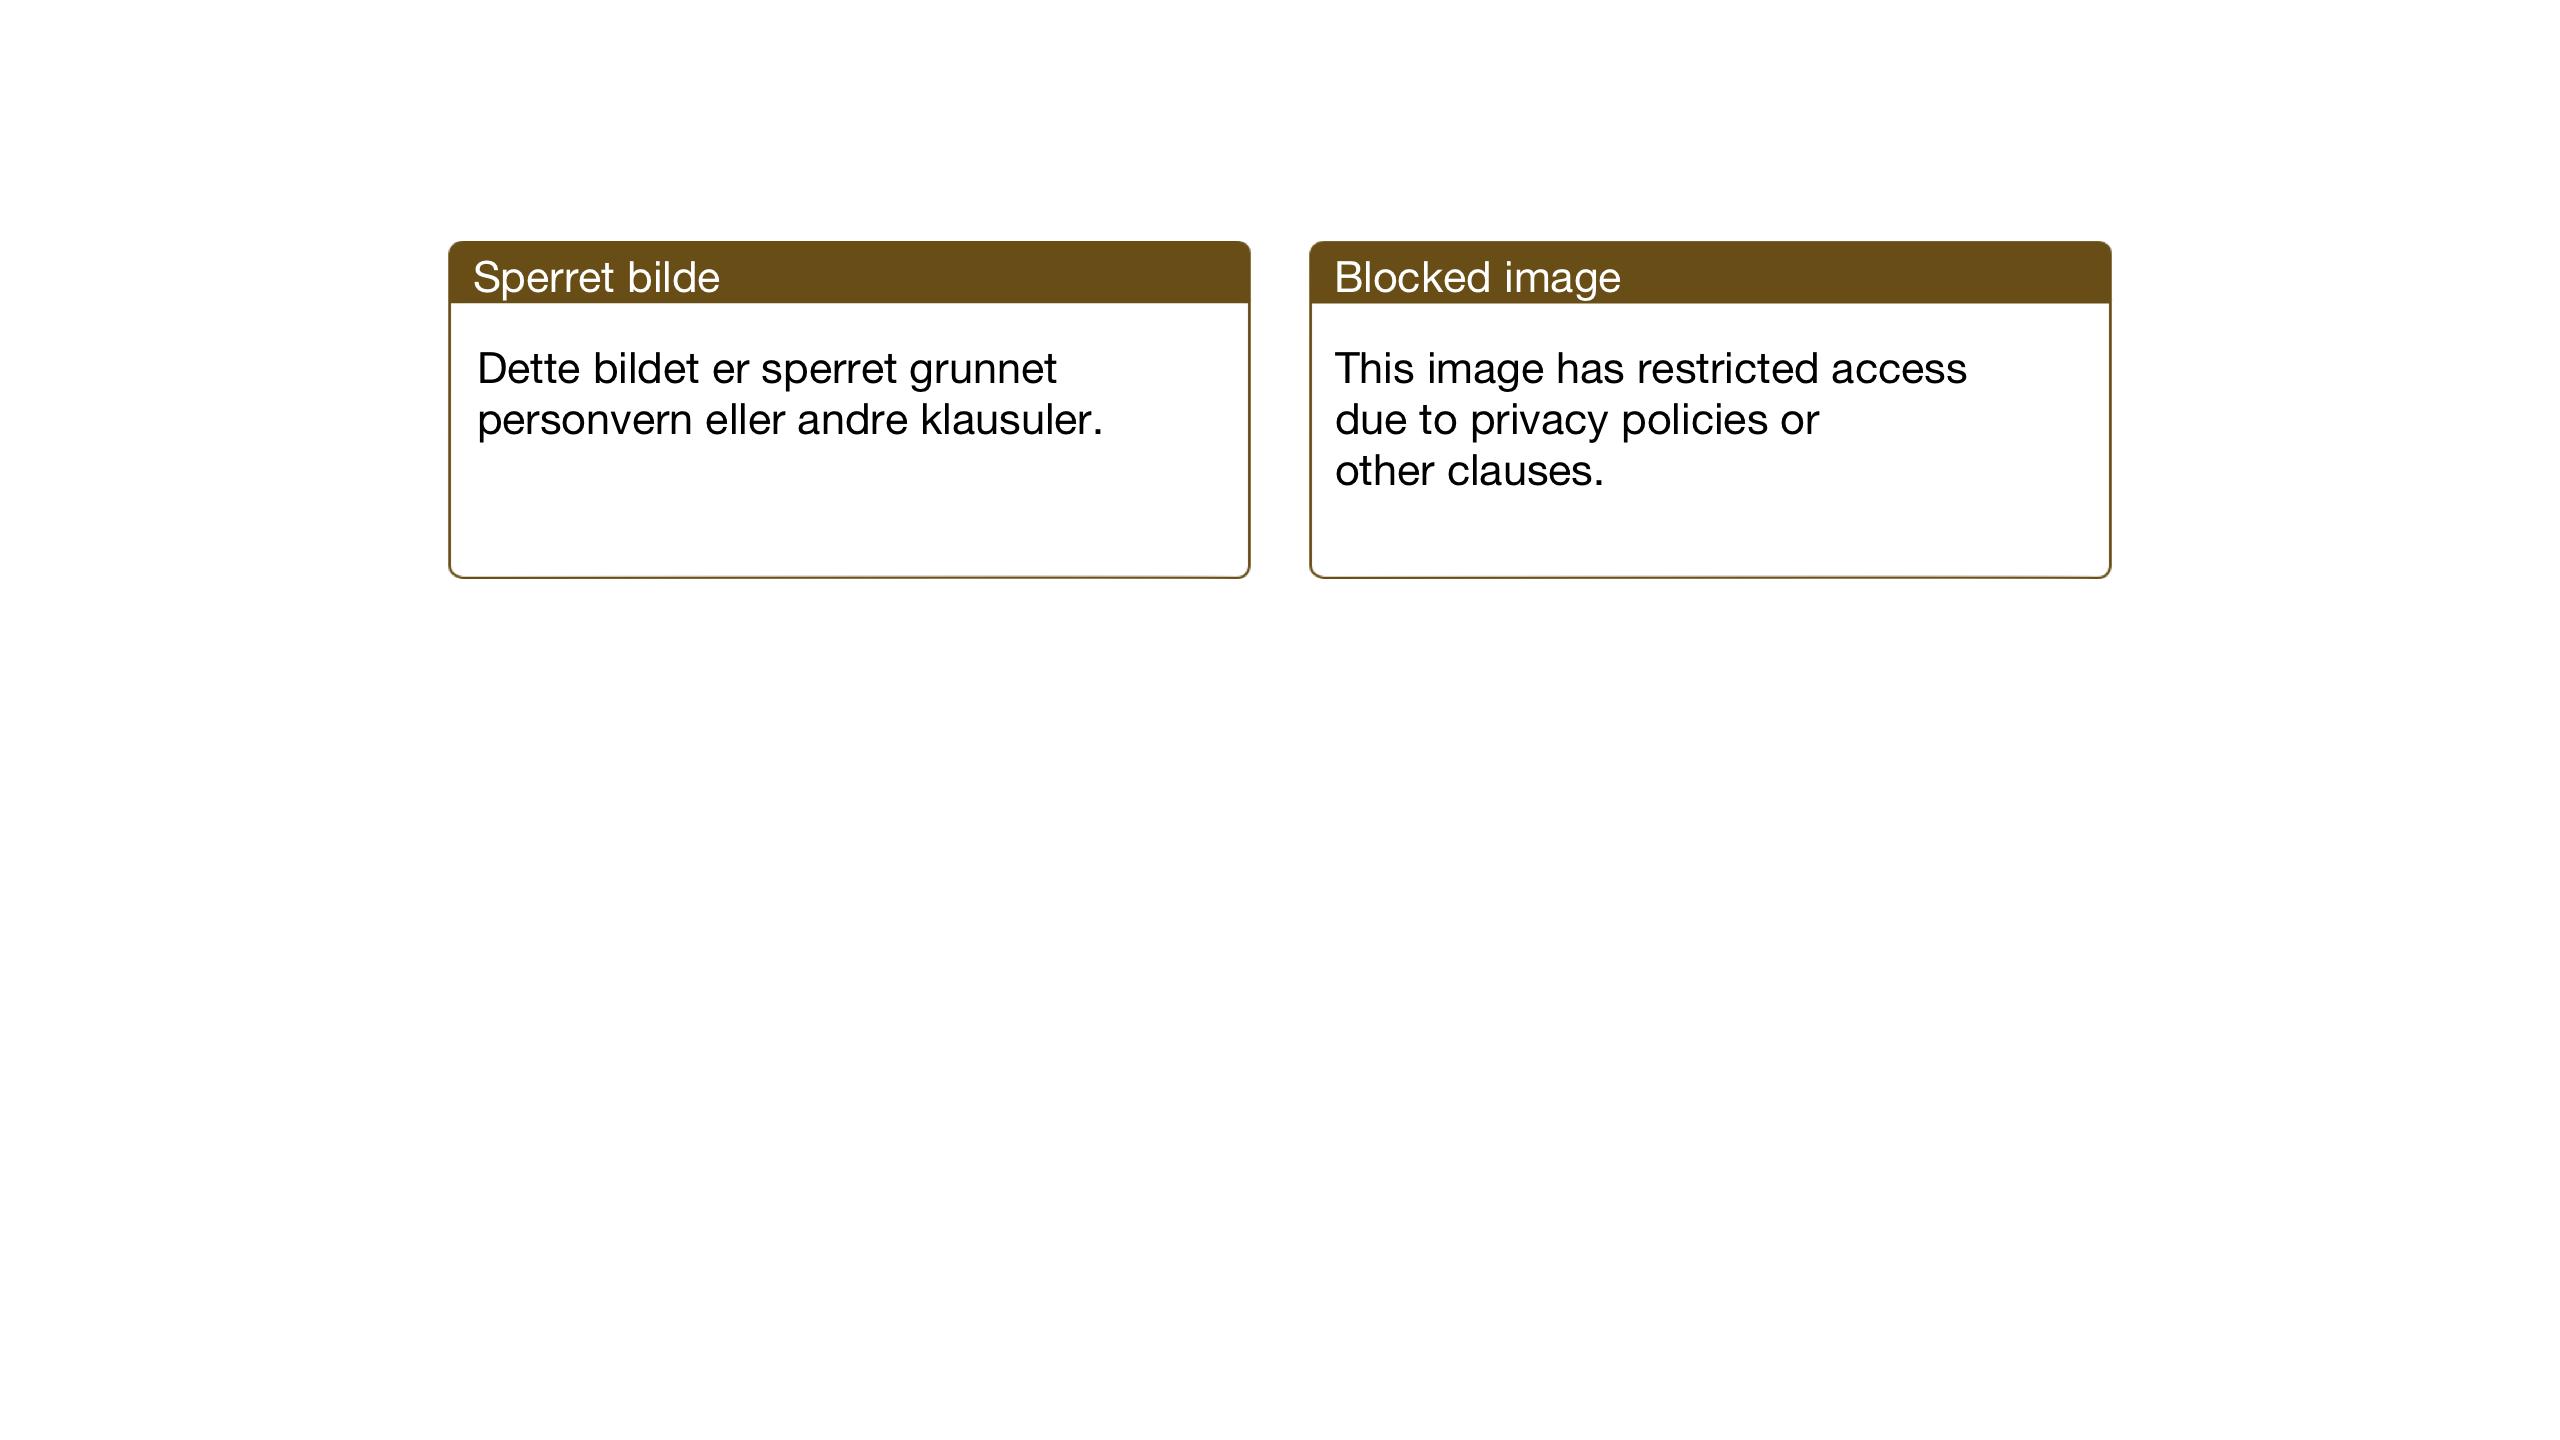 SAT, Ministerialprotokoller, klokkerbøker og fødselsregistre - Sør-Trøndelag, 682/L0947: Klokkerbok nr. 682C01, 1926-1968, s. 84